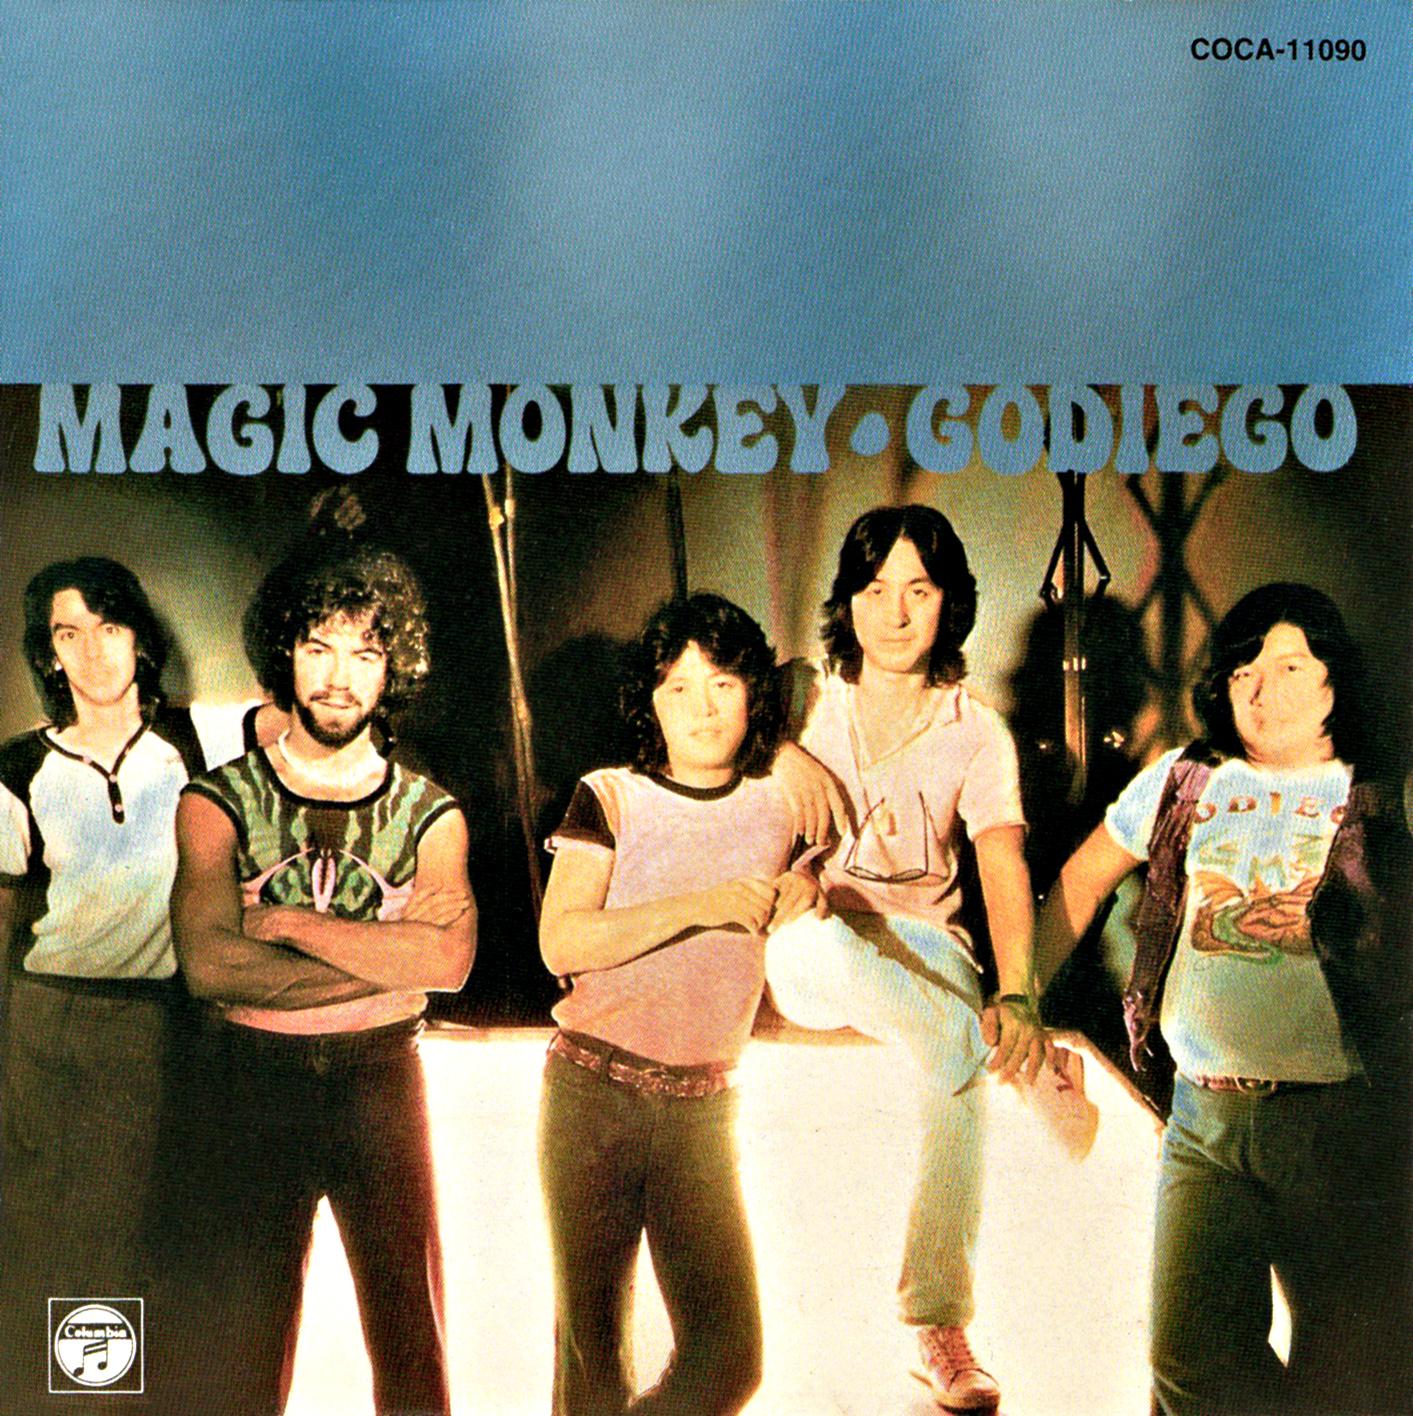 ゴダイゴ (GODIEGO) 『MAGIC MONKEY(マジック・モンキー)』(1993年10月21日発売) 高画質CDジャケット画像